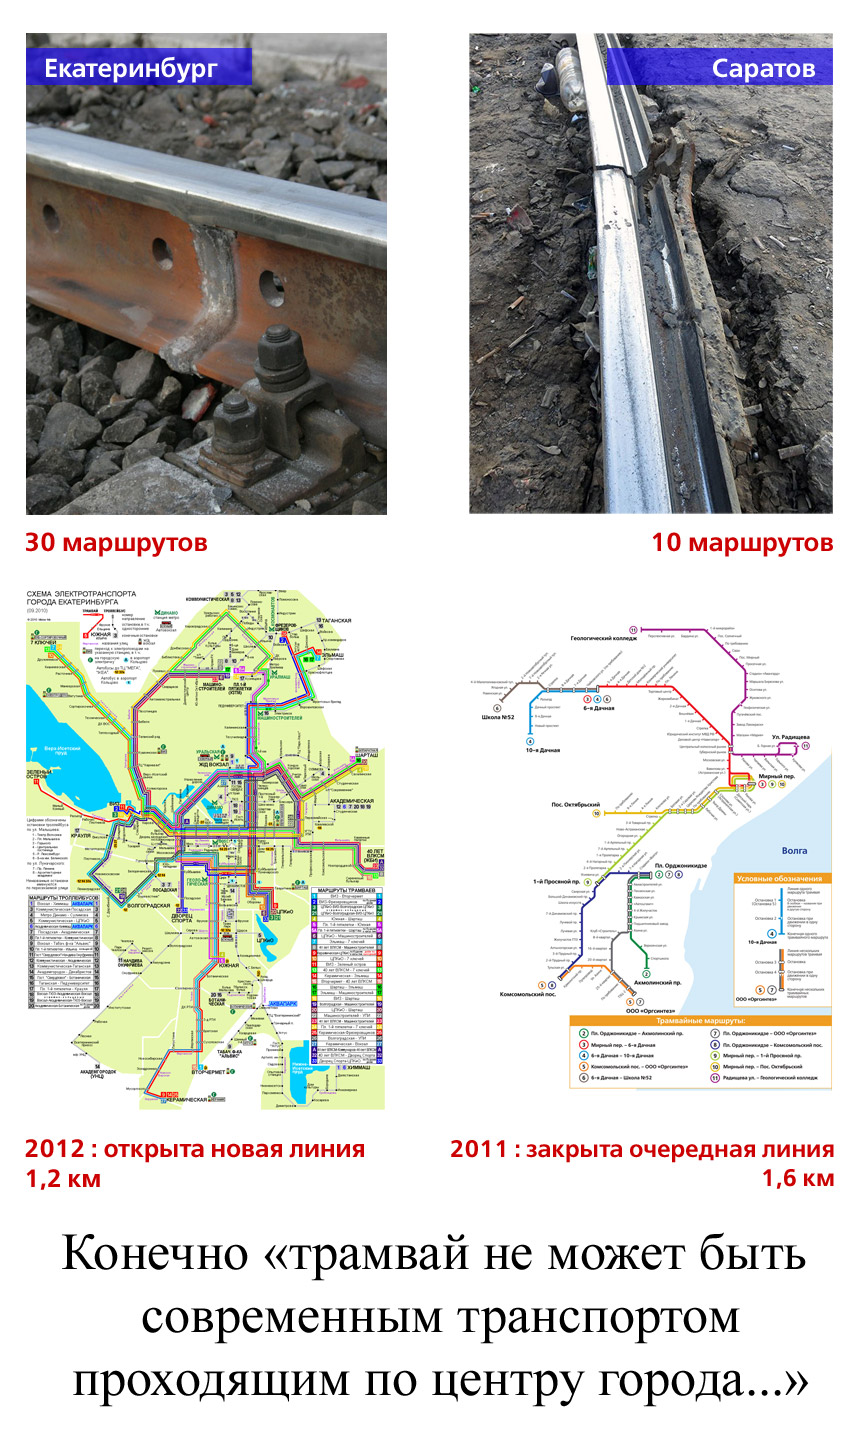 tram_ekat_saratov